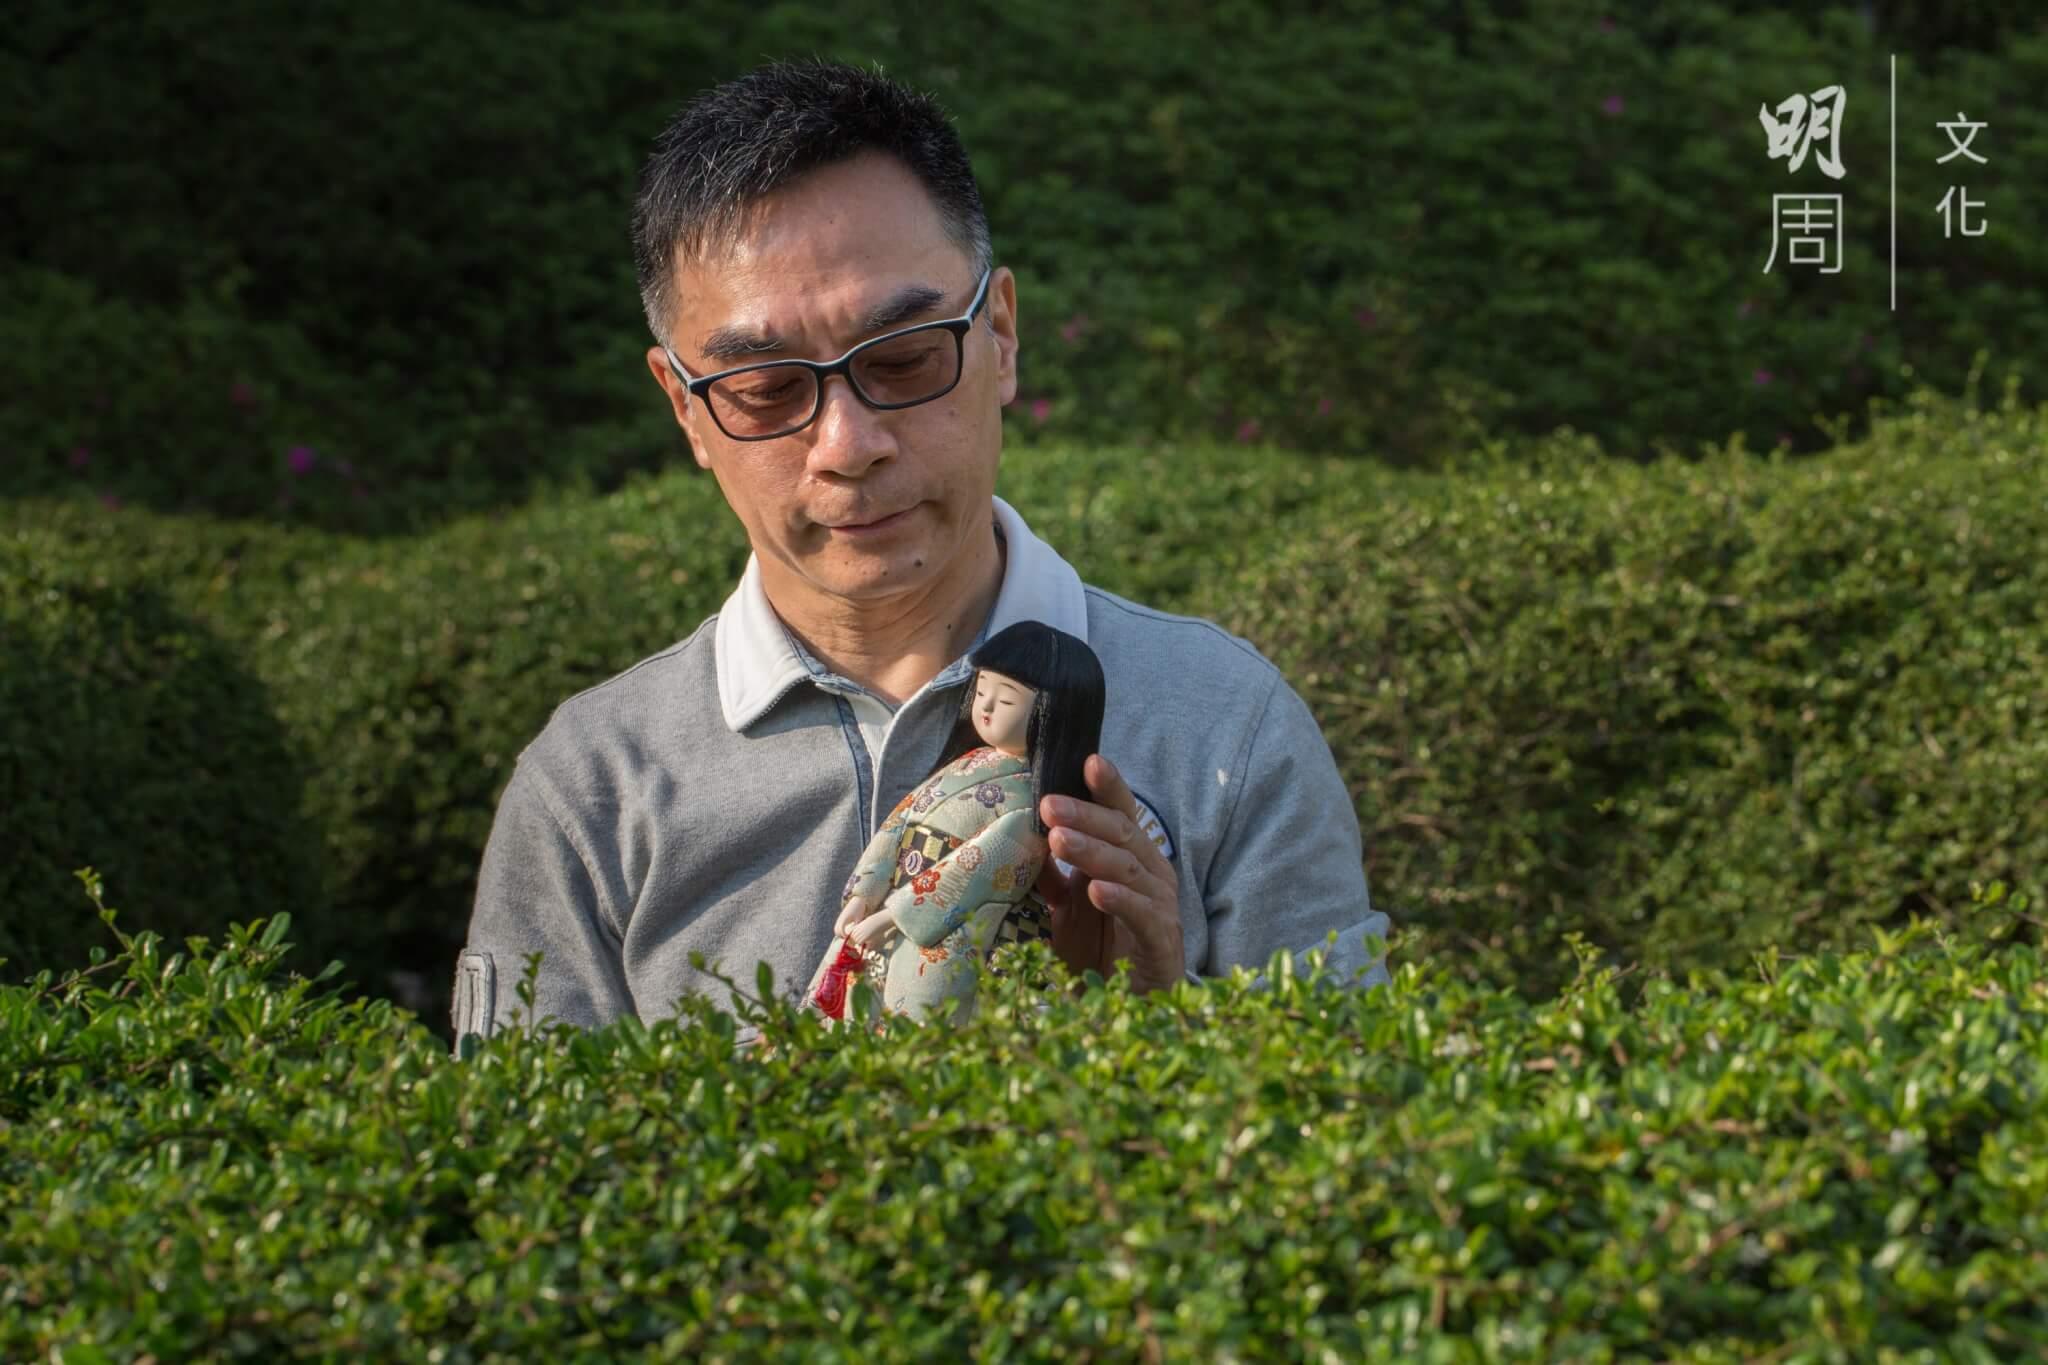 楊油光退休後專注製作日本傳統木目込人形,沿承歷史悠久的上賀茂流。